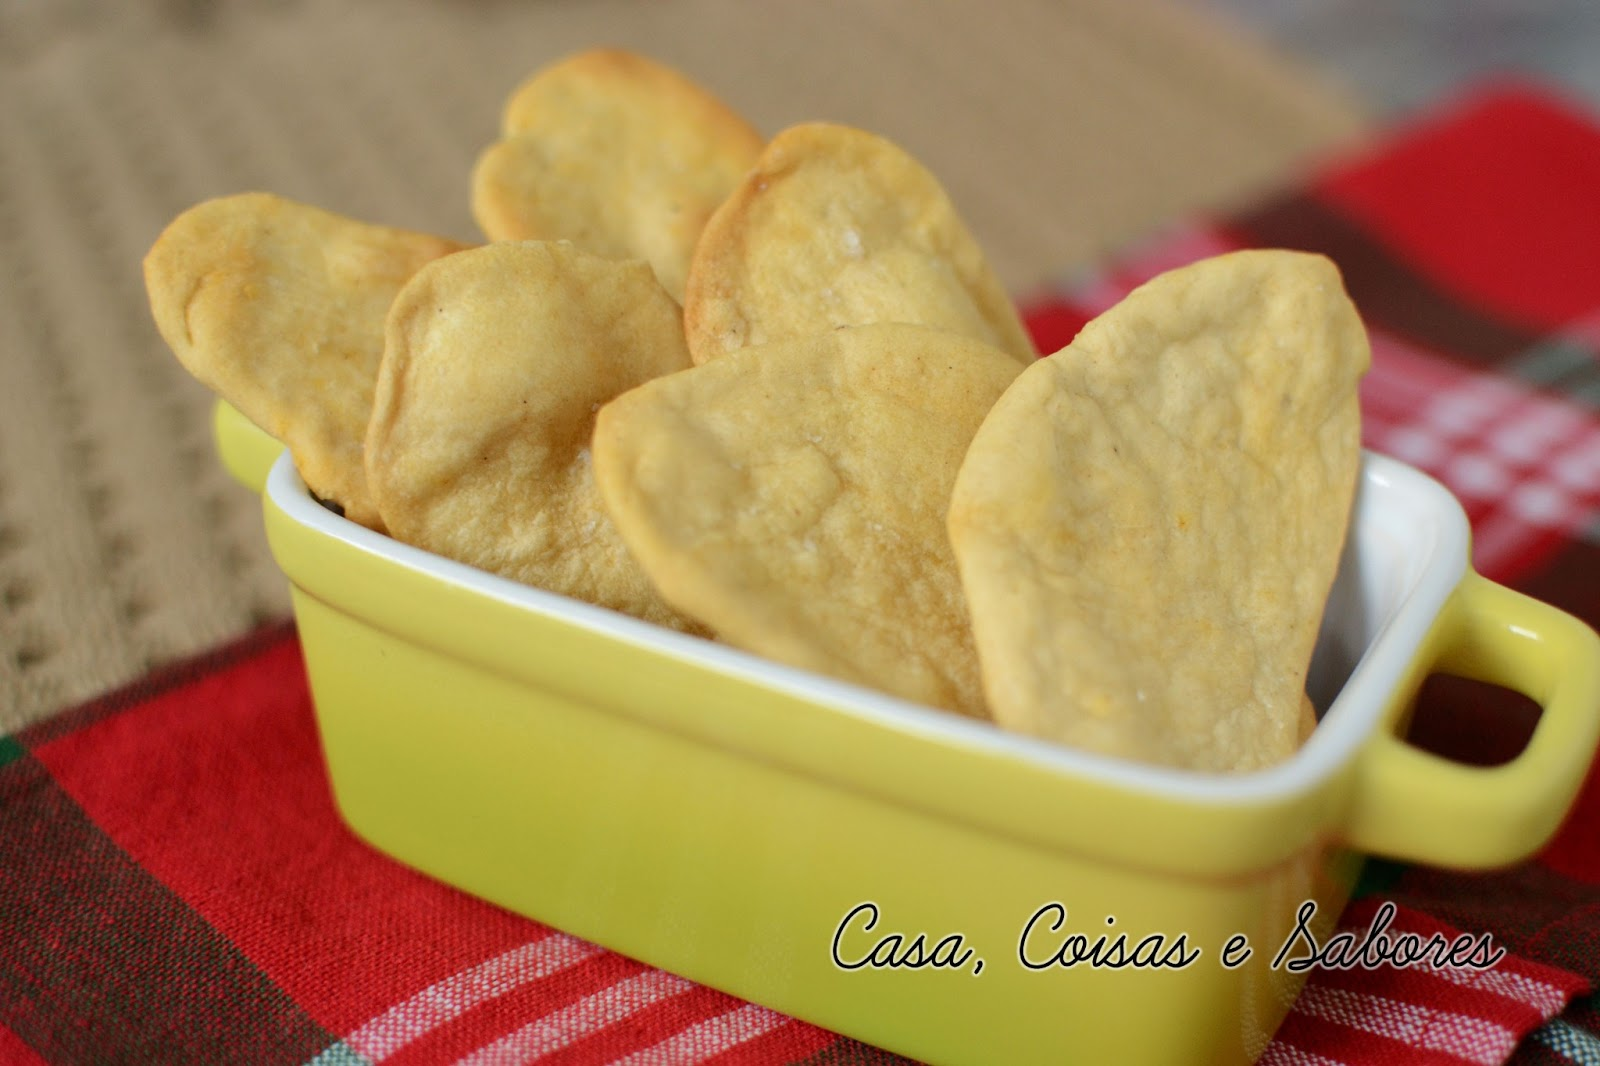 Well-known Casa, Coisas e Sabores: Biscoito salgado de azeite, páprica e pimenta UK33